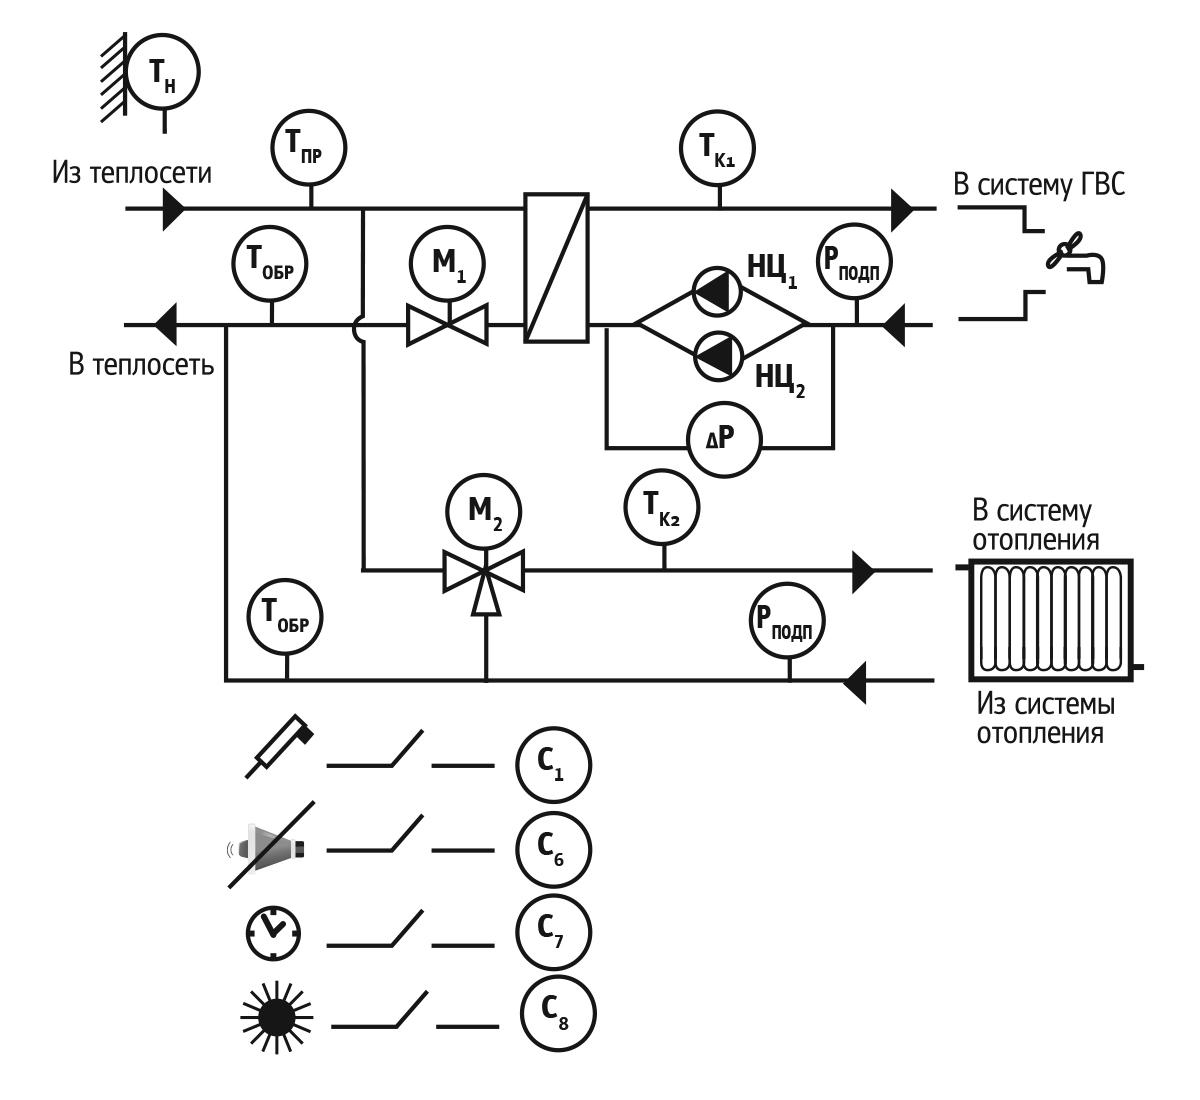 Схема №3: два независимых контура – ГВС + Отопление, без циркуляционных насосов